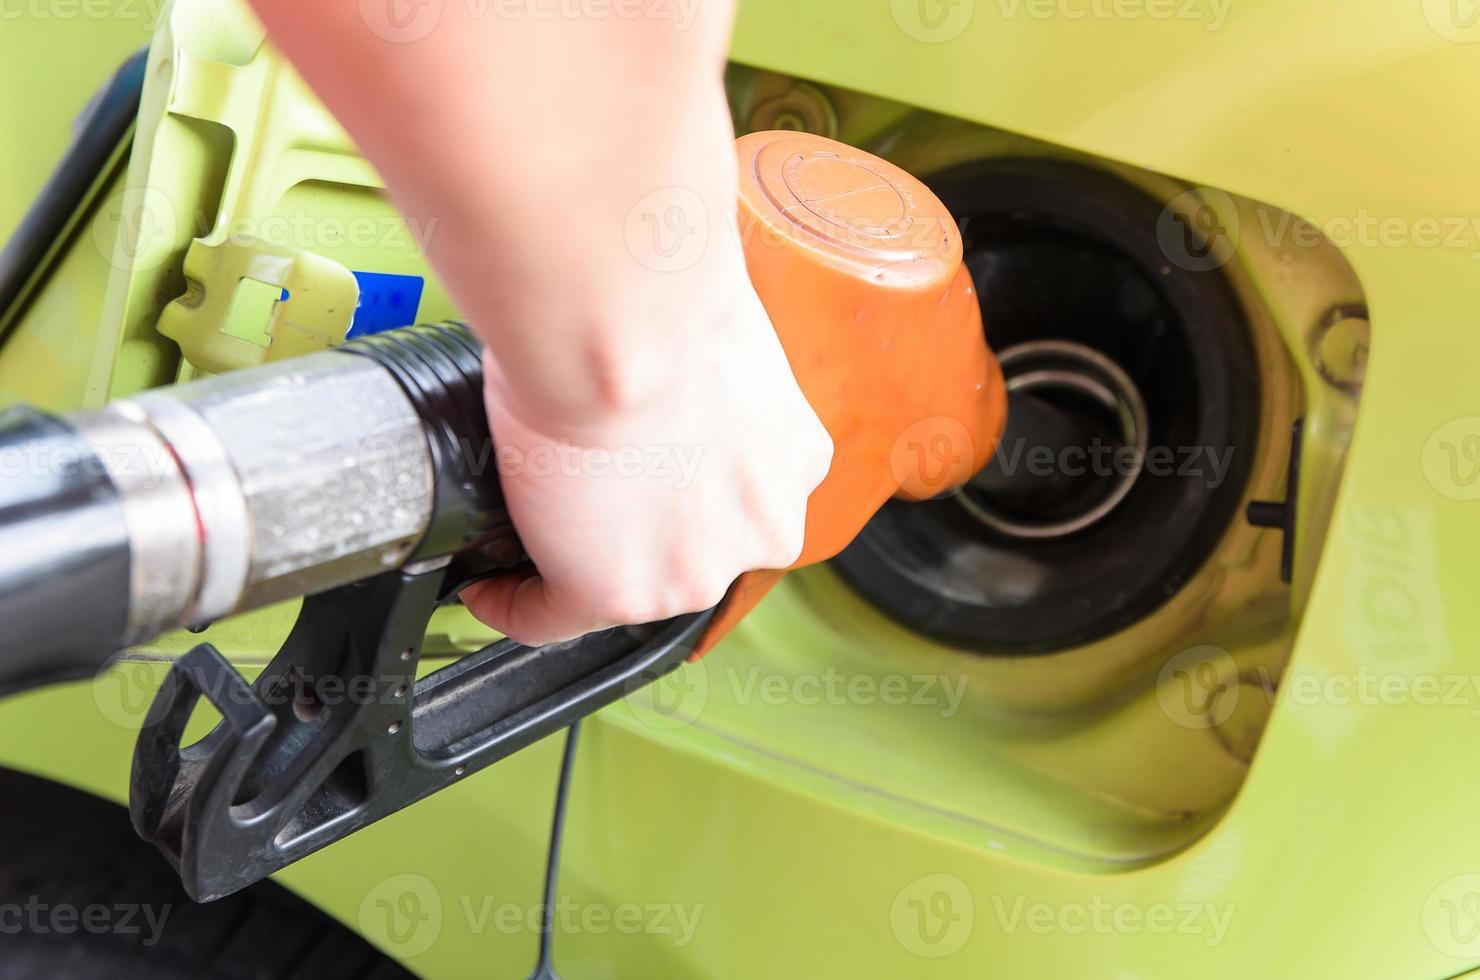 mulheres seguram bocal de combustível para o carro no posto de gasolina foto